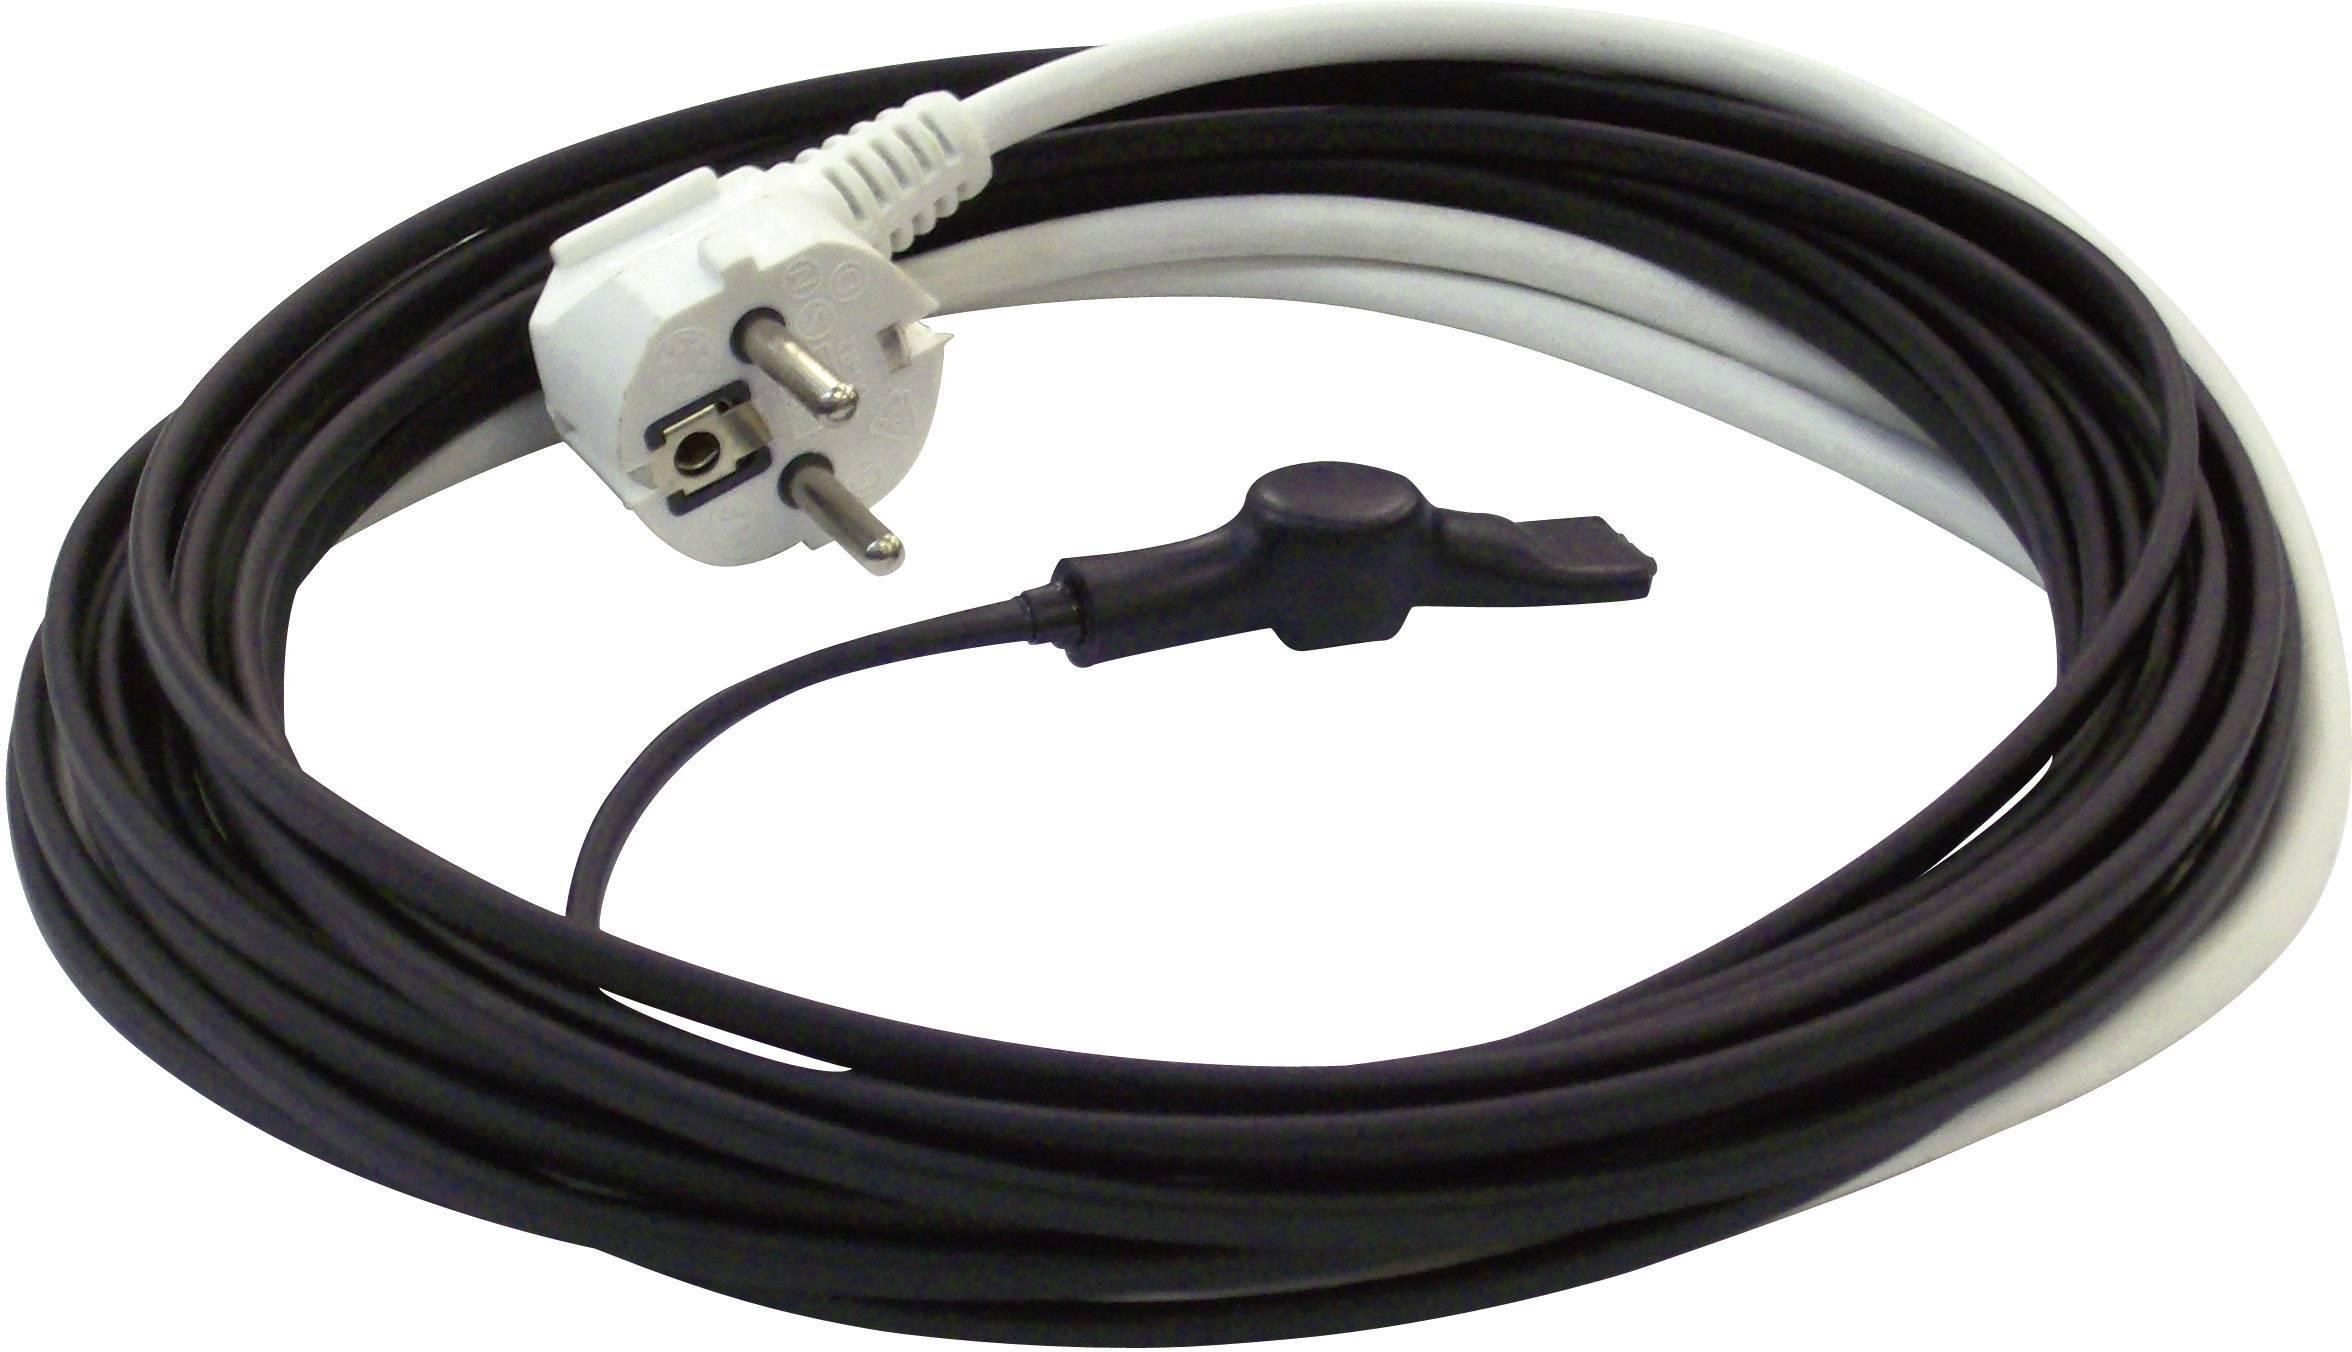 Vykurovací kábel s ochranným termostatem Arnold Rak HK-25,0-F, 375 W, 25 m